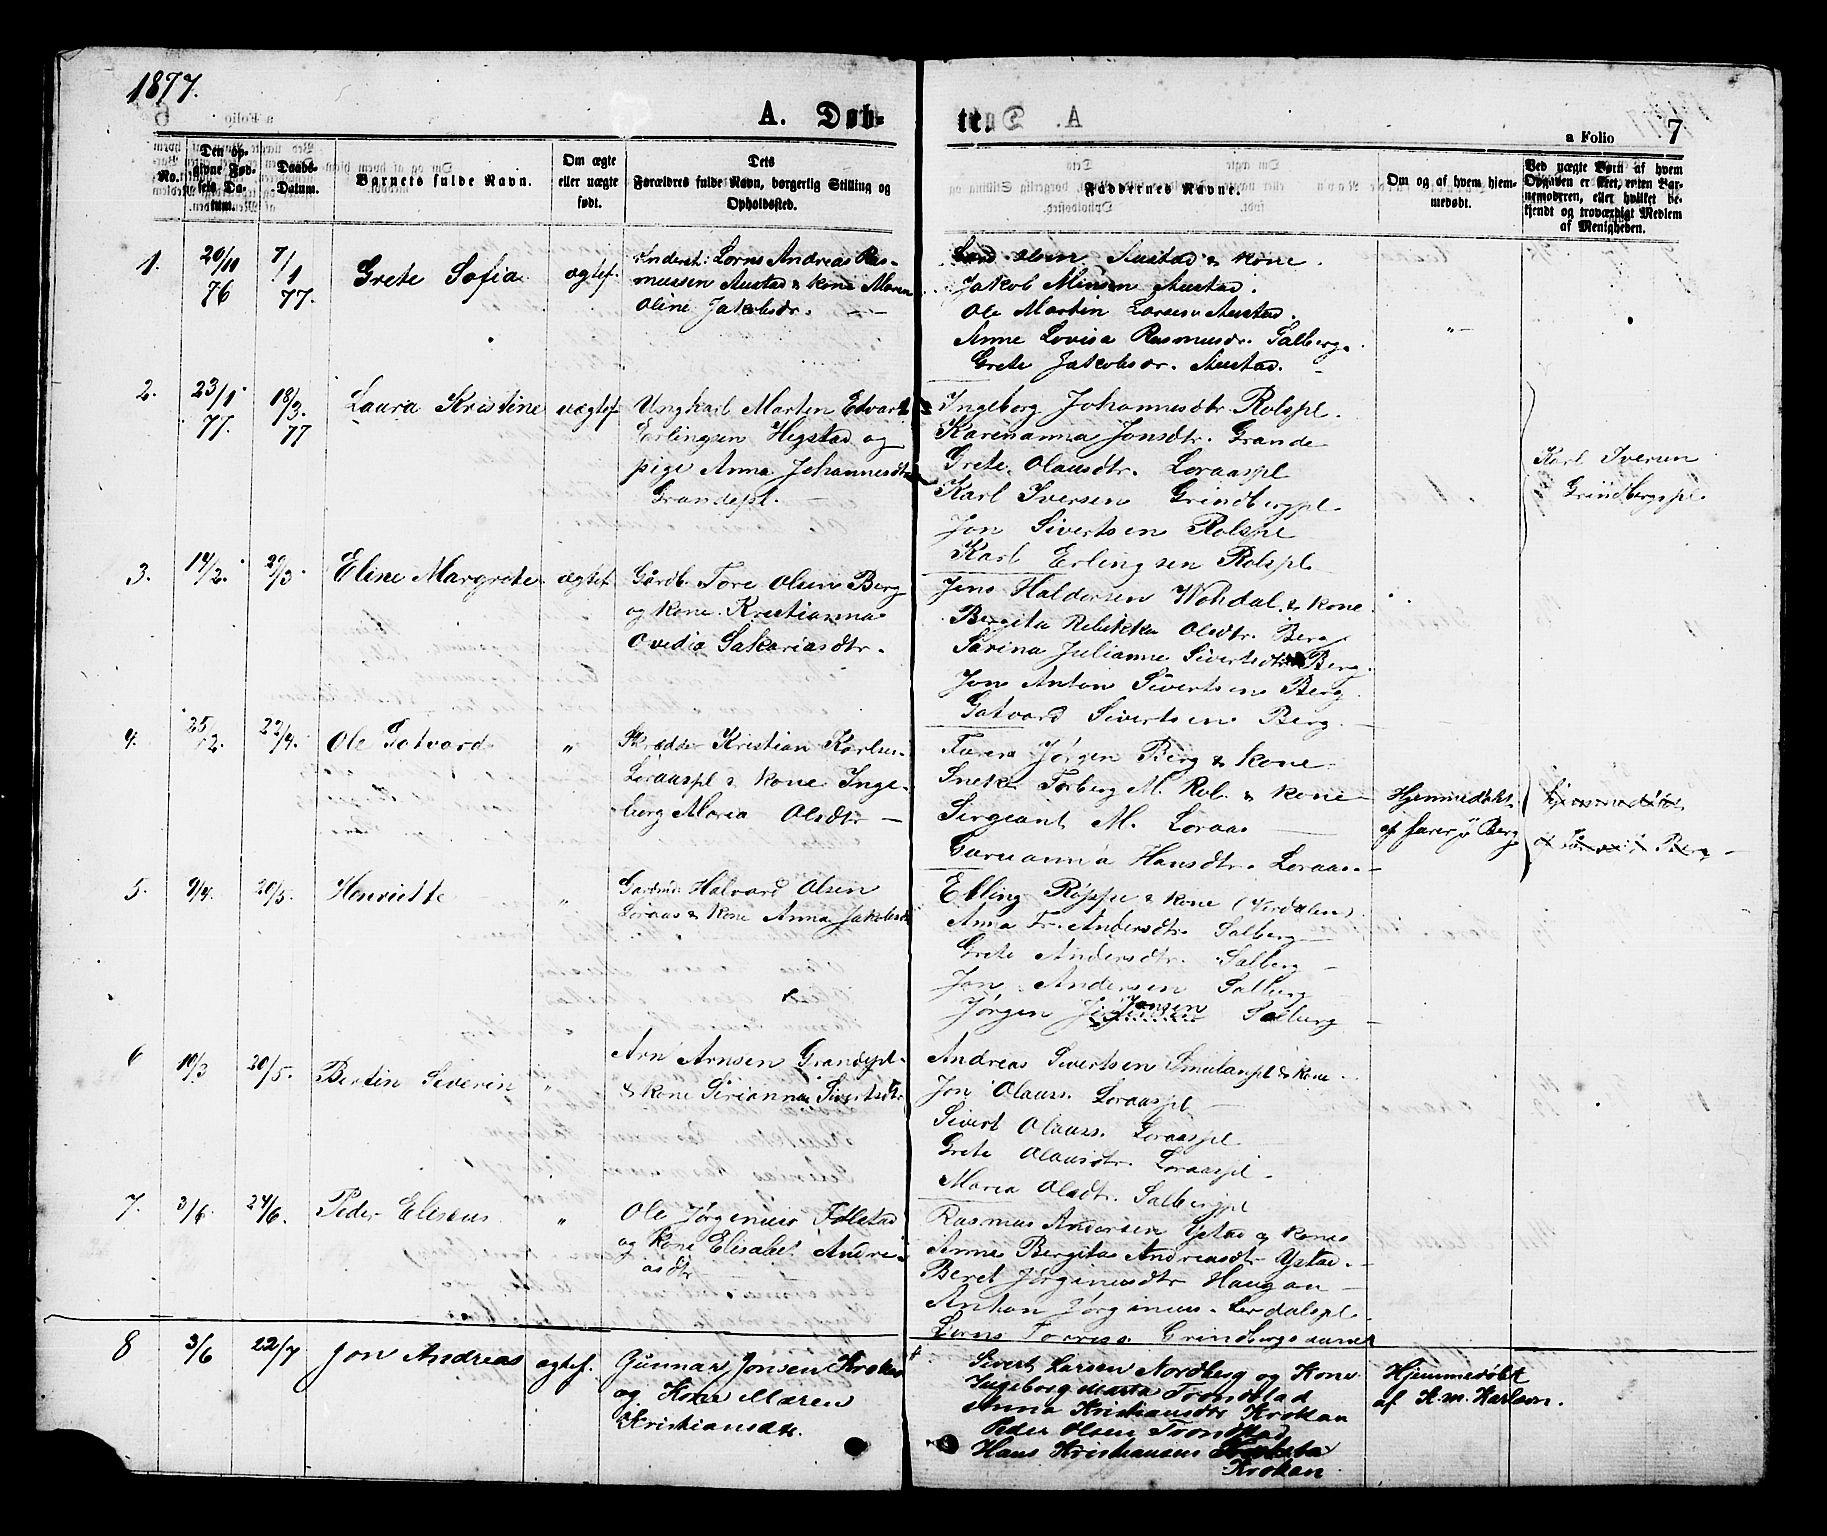 SAT, Ministerialprotokoller, klokkerbøker og fødselsregistre - Nord-Trøndelag, 731/L0311: Klokkerbok nr. 731C02, 1875-1911, s. 7